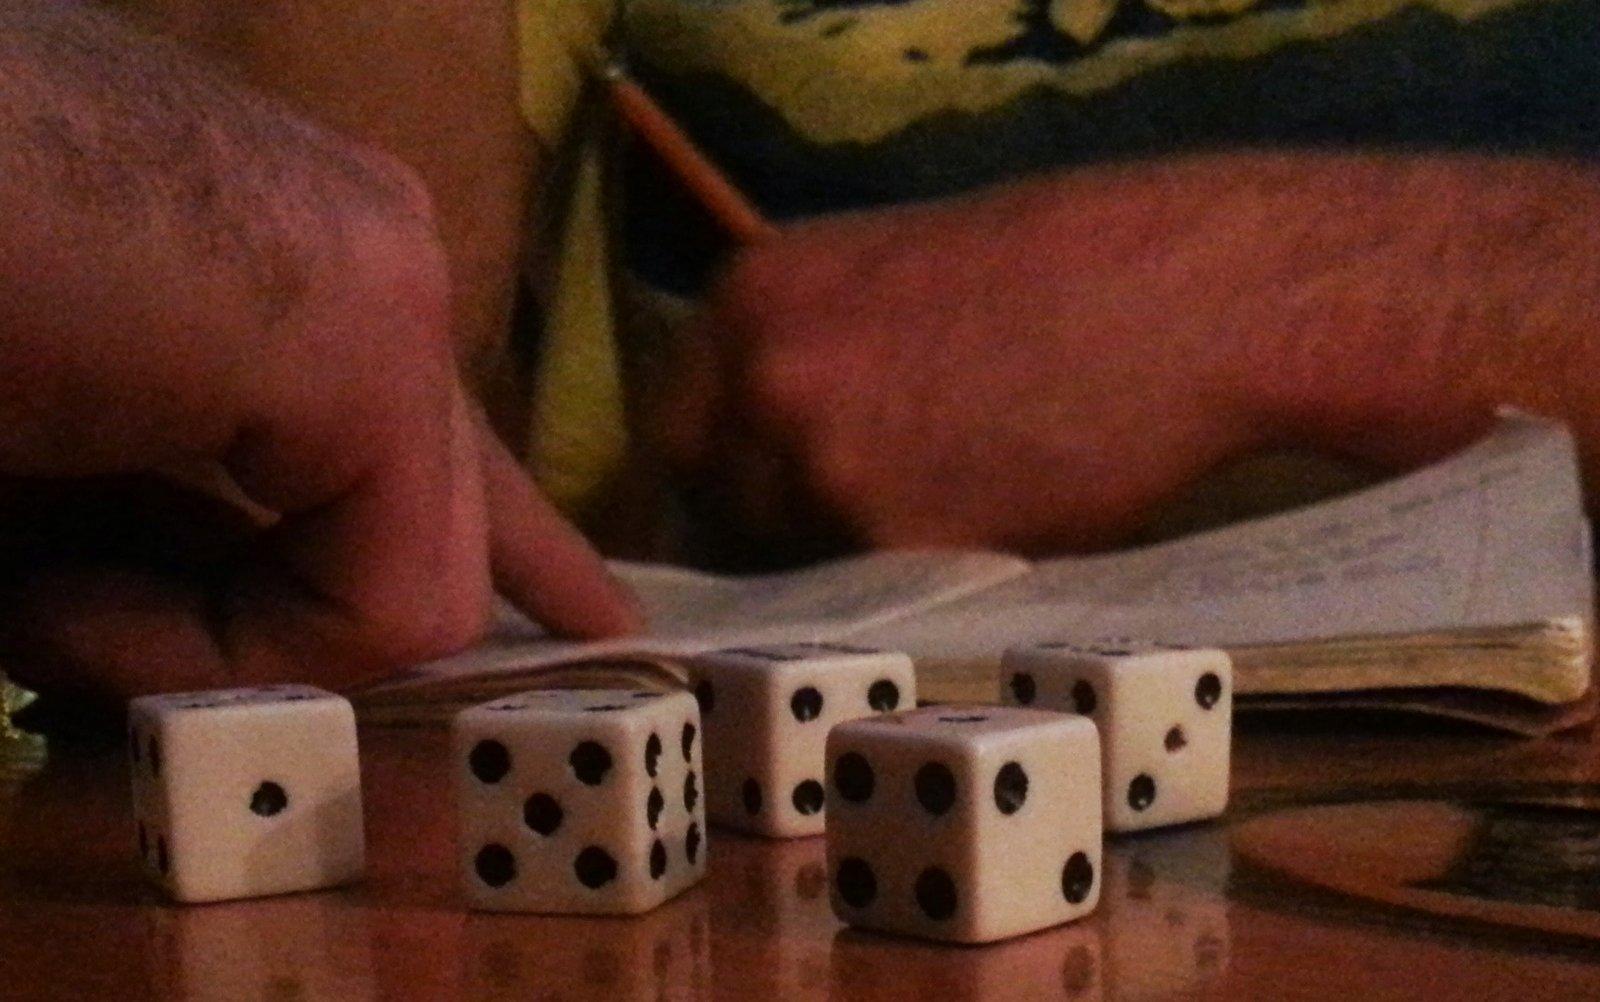 Playing Yahtzee